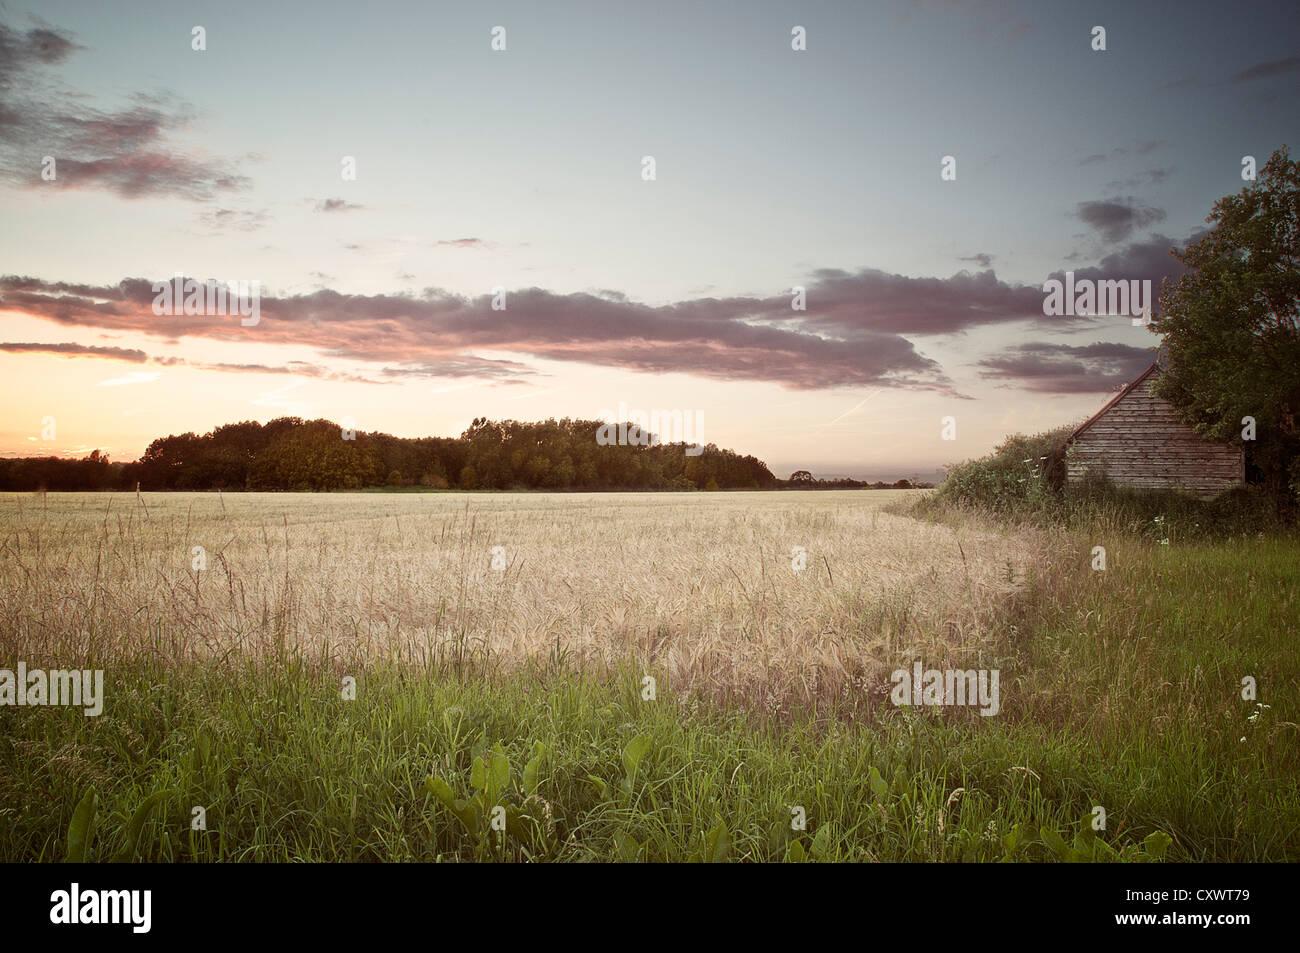 Getrocknete Grass im ländlichen Bereich Stockbild